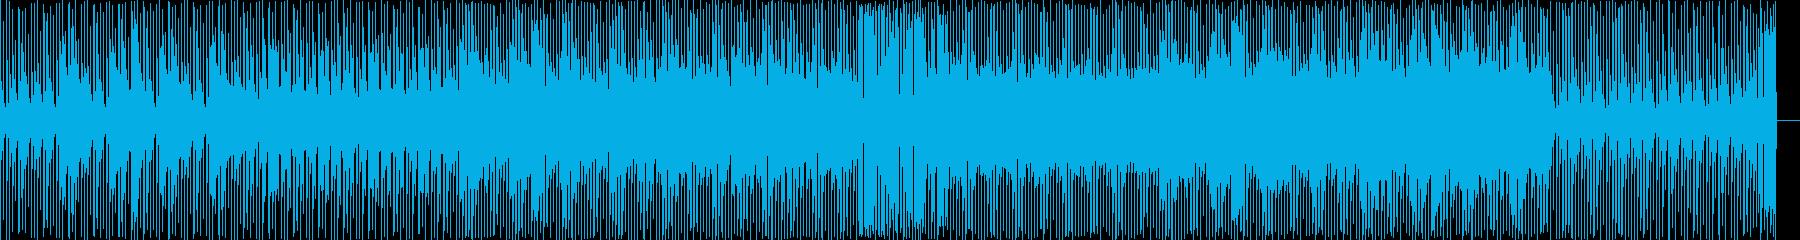 動画 技術的な 静か お洒落 ファ...の再生済みの波形